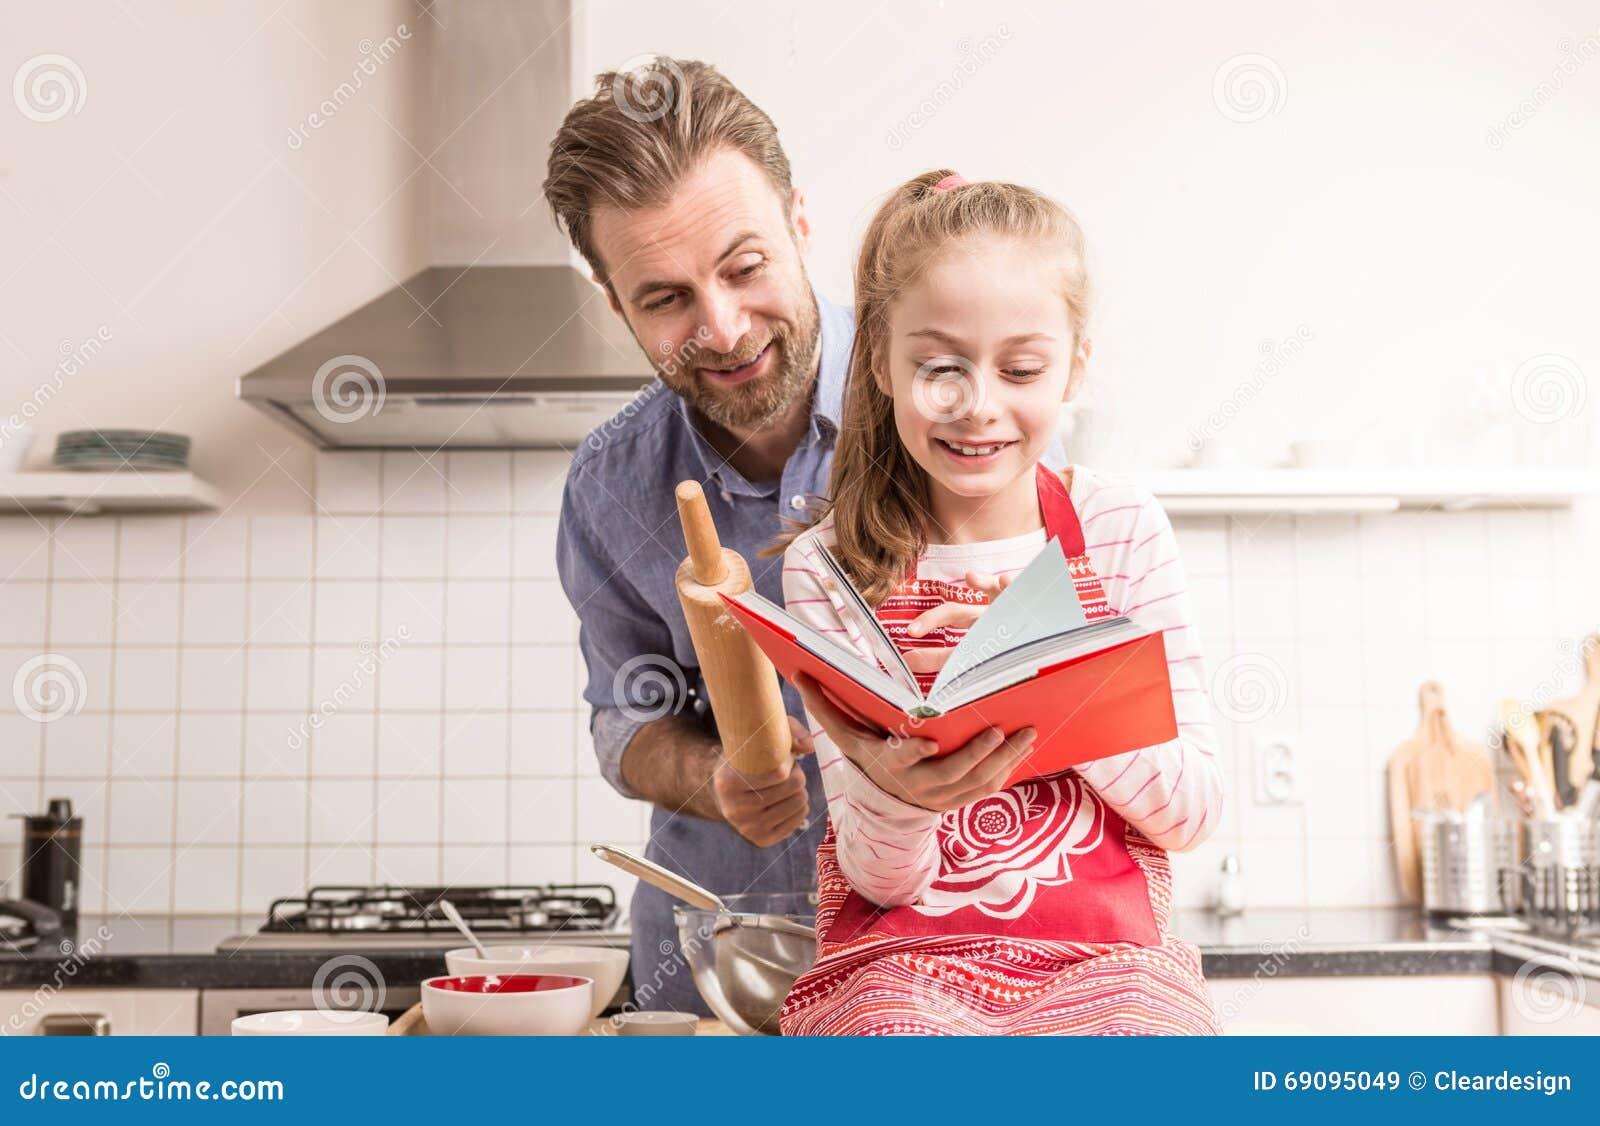 Fader och dotter som har gyckel i köket - baka